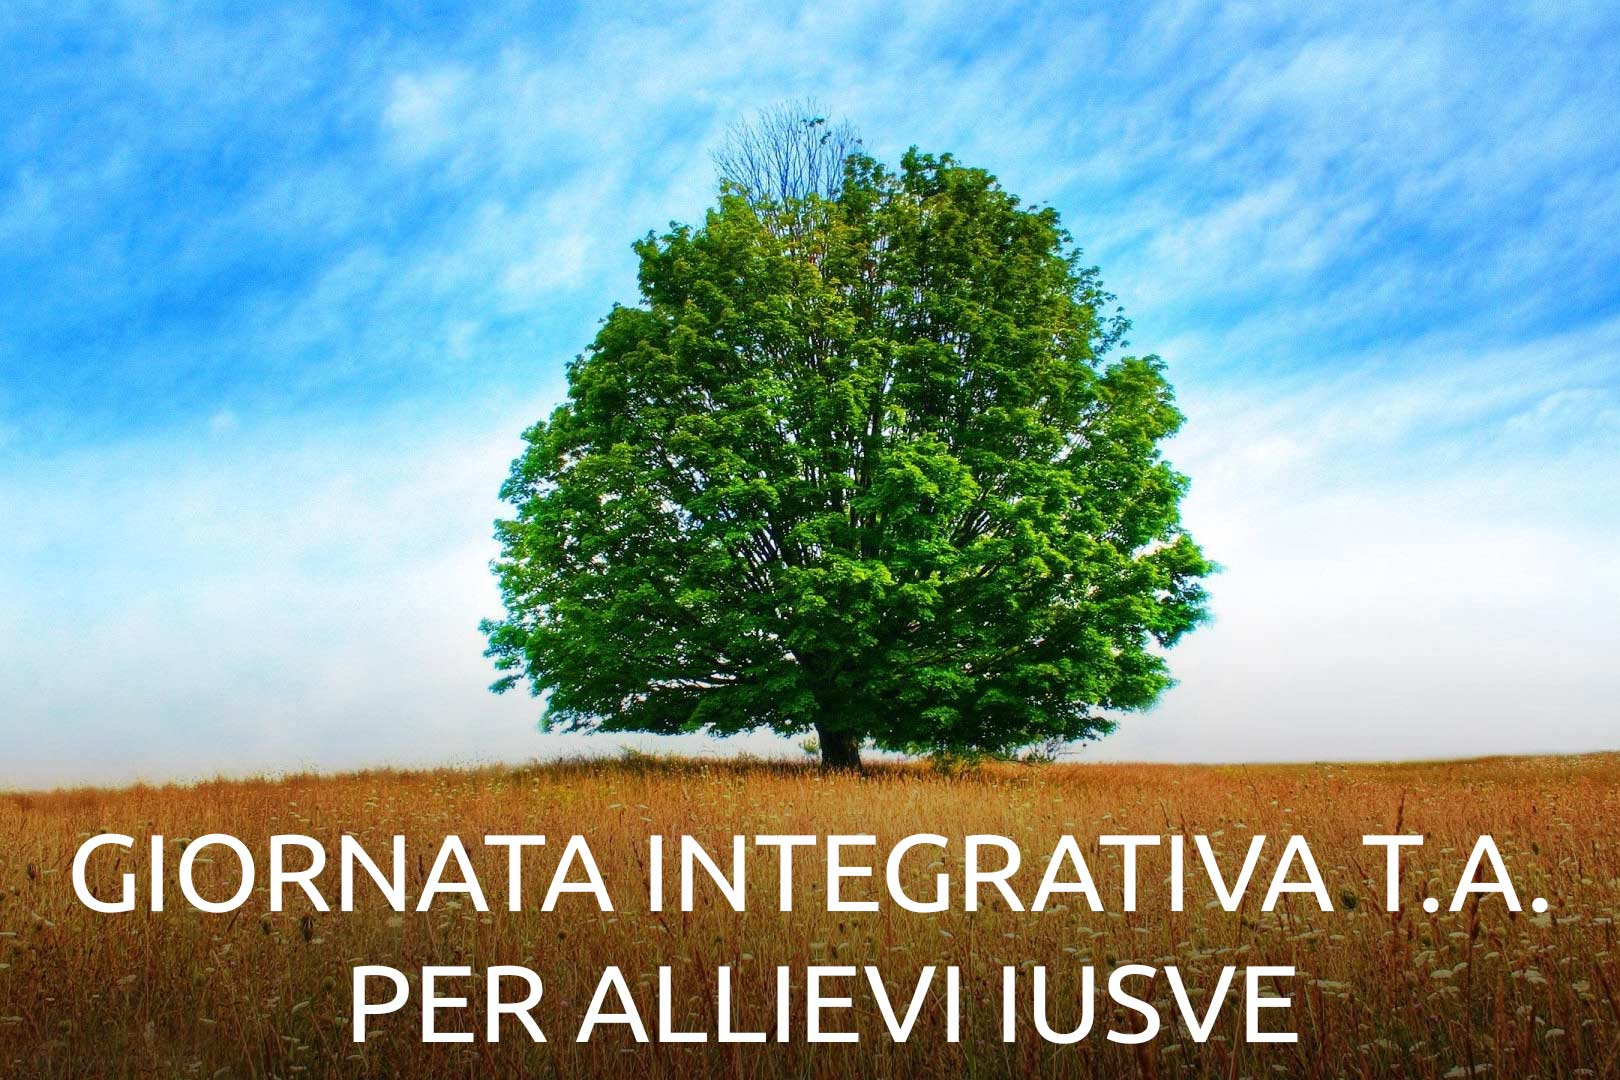 giornata-integrativa-t.a.